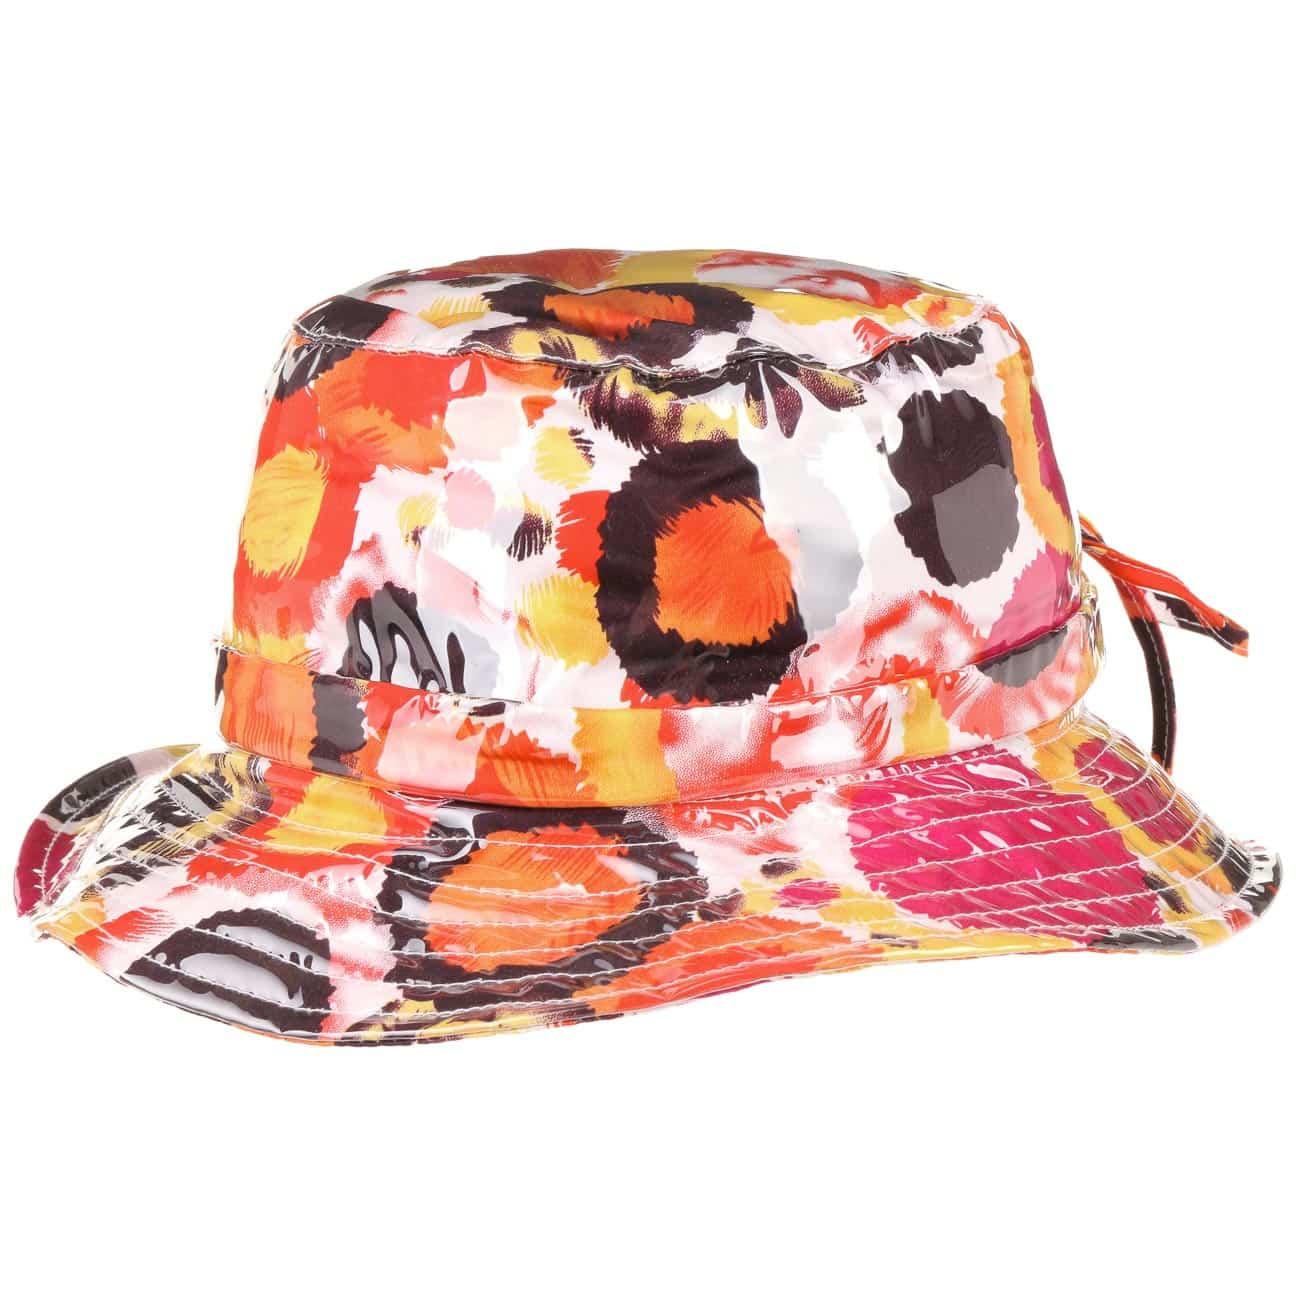 Chapeau de Pluie Lets Rain by McBURN  chapeau en tissu